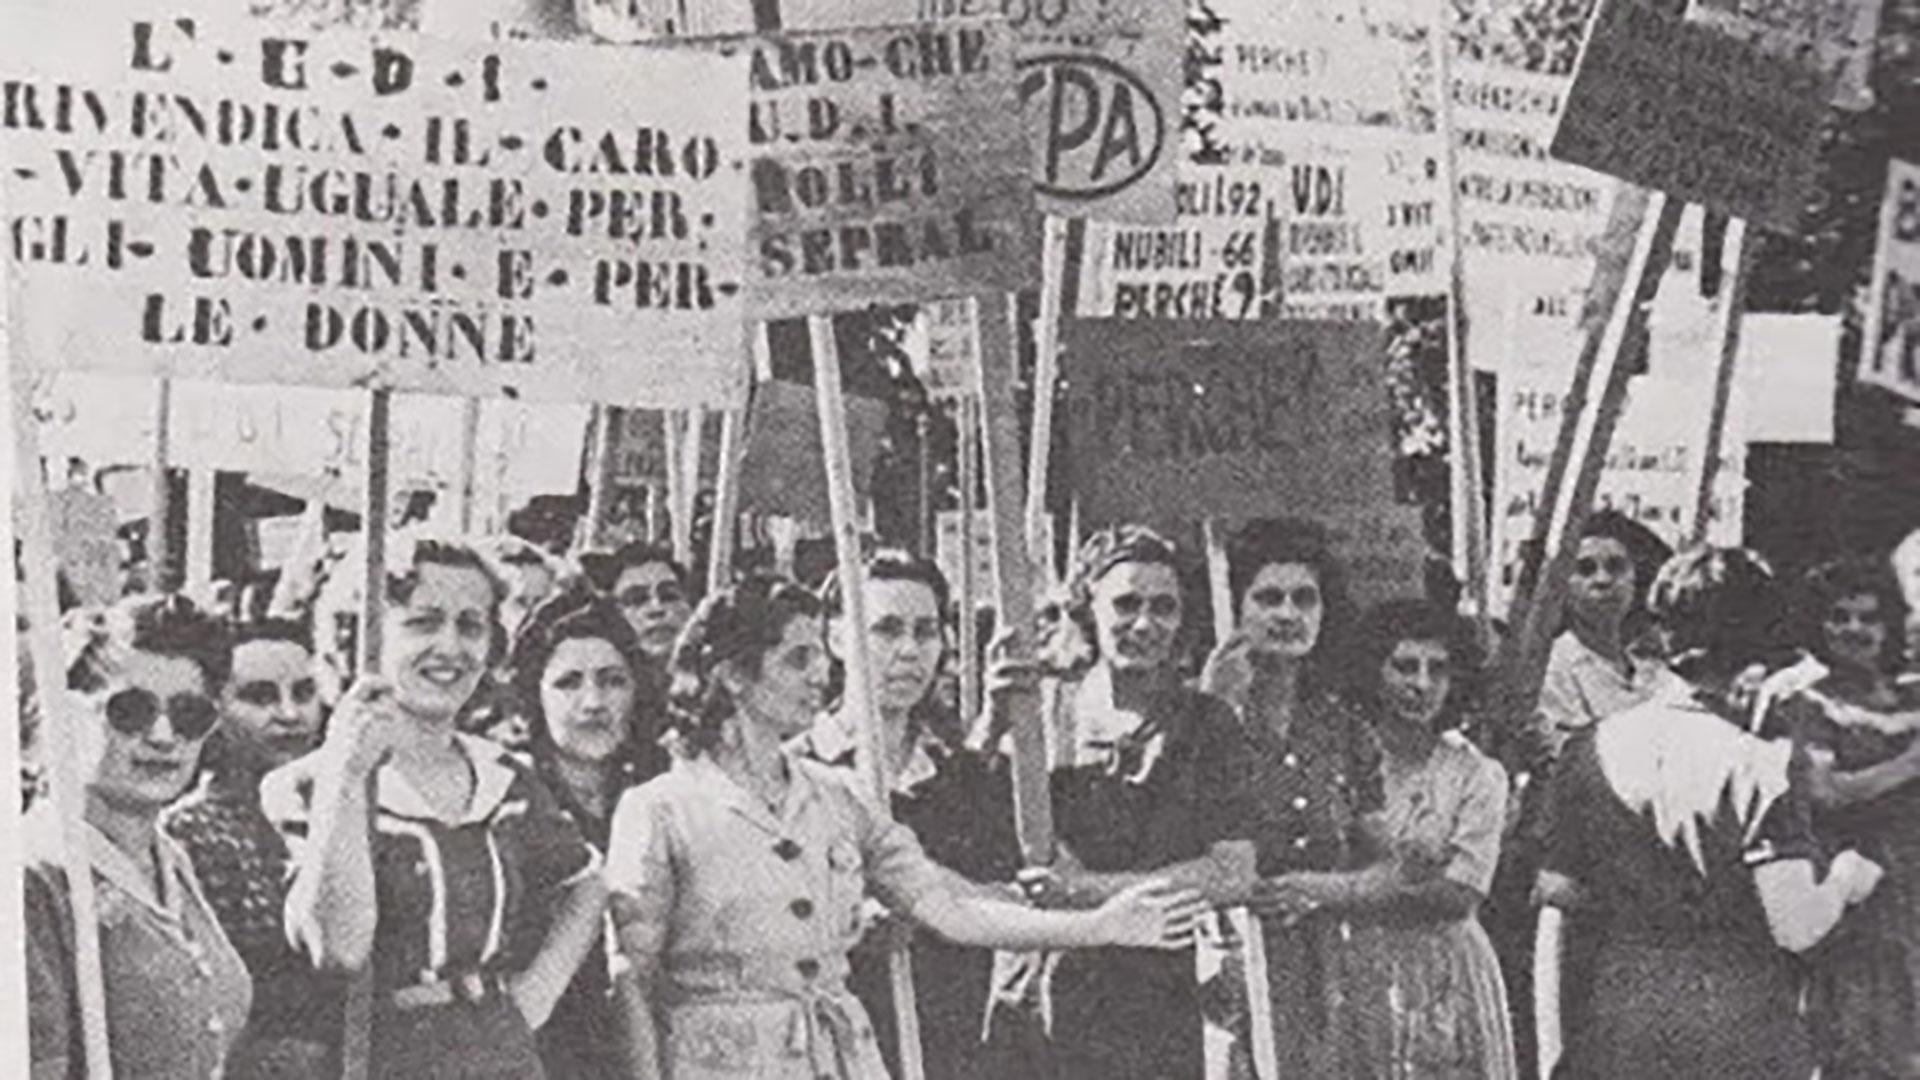 Festa della donna lotte